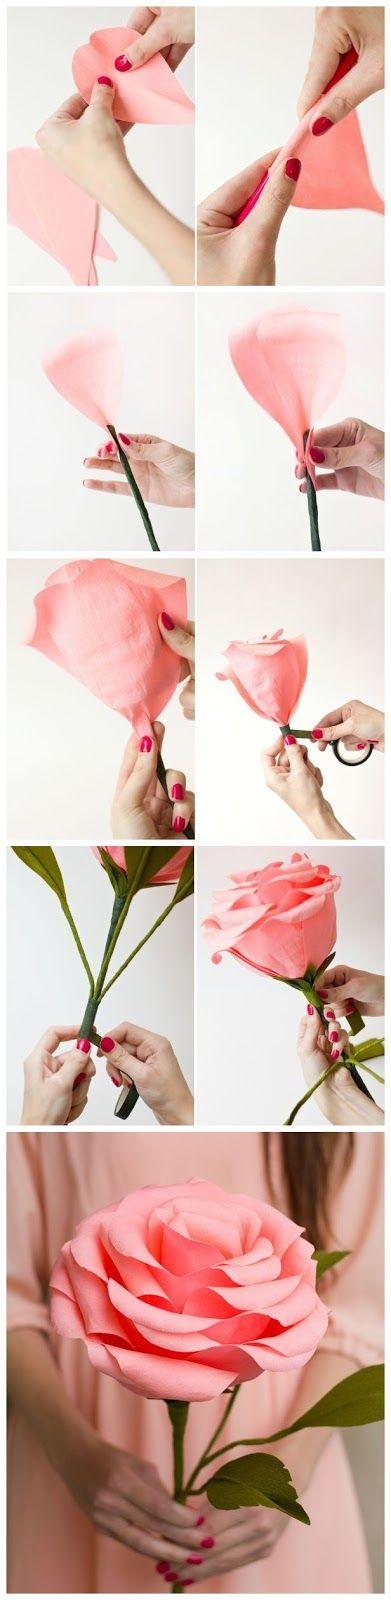 可愛すぎ♡ジャイアントペーパーフラワーを使った結婚式のアレンジ方法6選*: